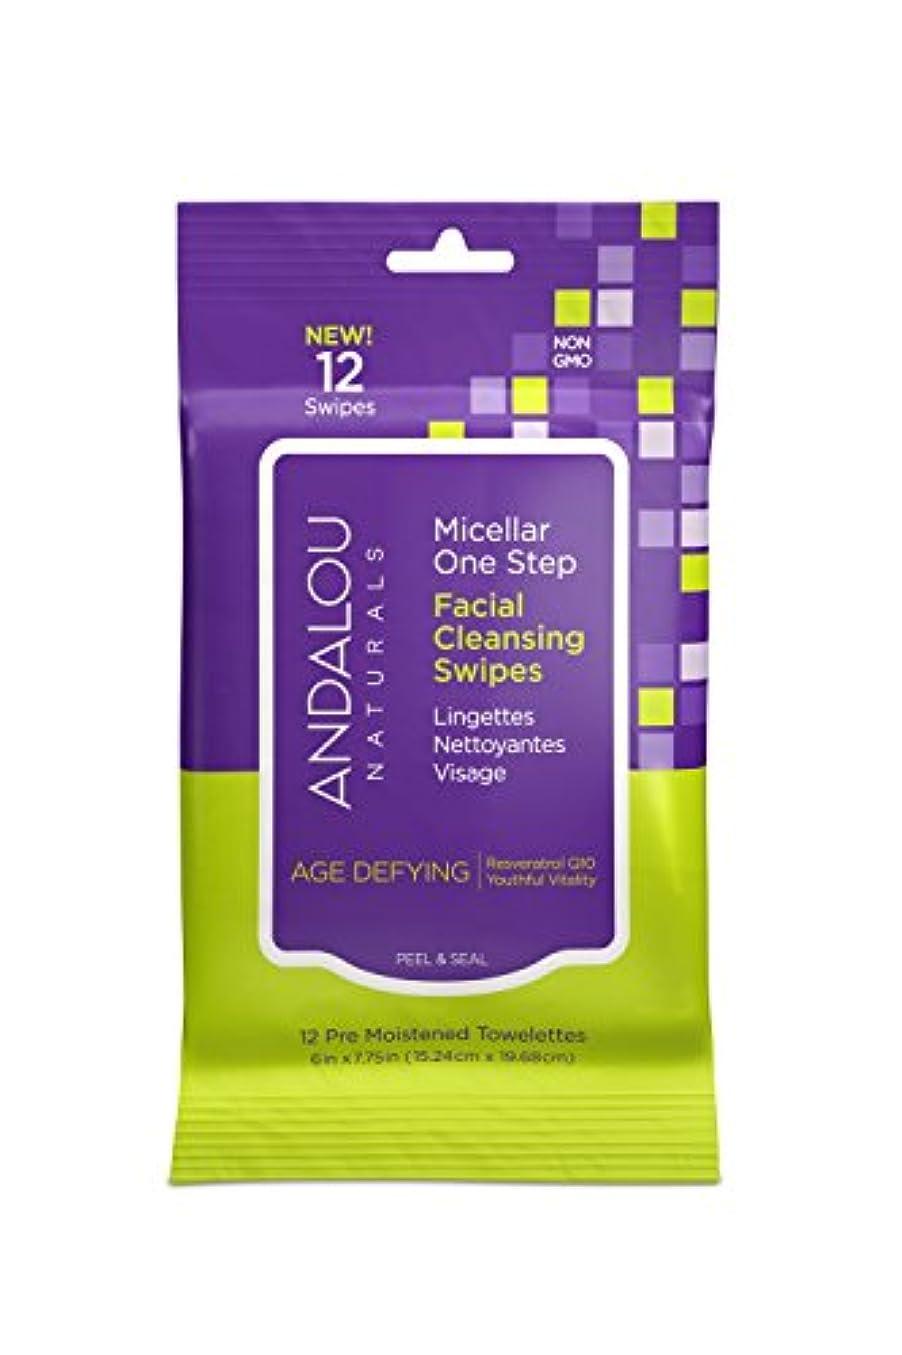 意味のある彼女タイトルオーガニック ボタニカル クレンジングシート 洗顔シート ナチュラル フルーツ幹細胞 「 Aミセラスワイプ 12枚入り 」 ANDALOU naturals アンダルー ナチュラルズ